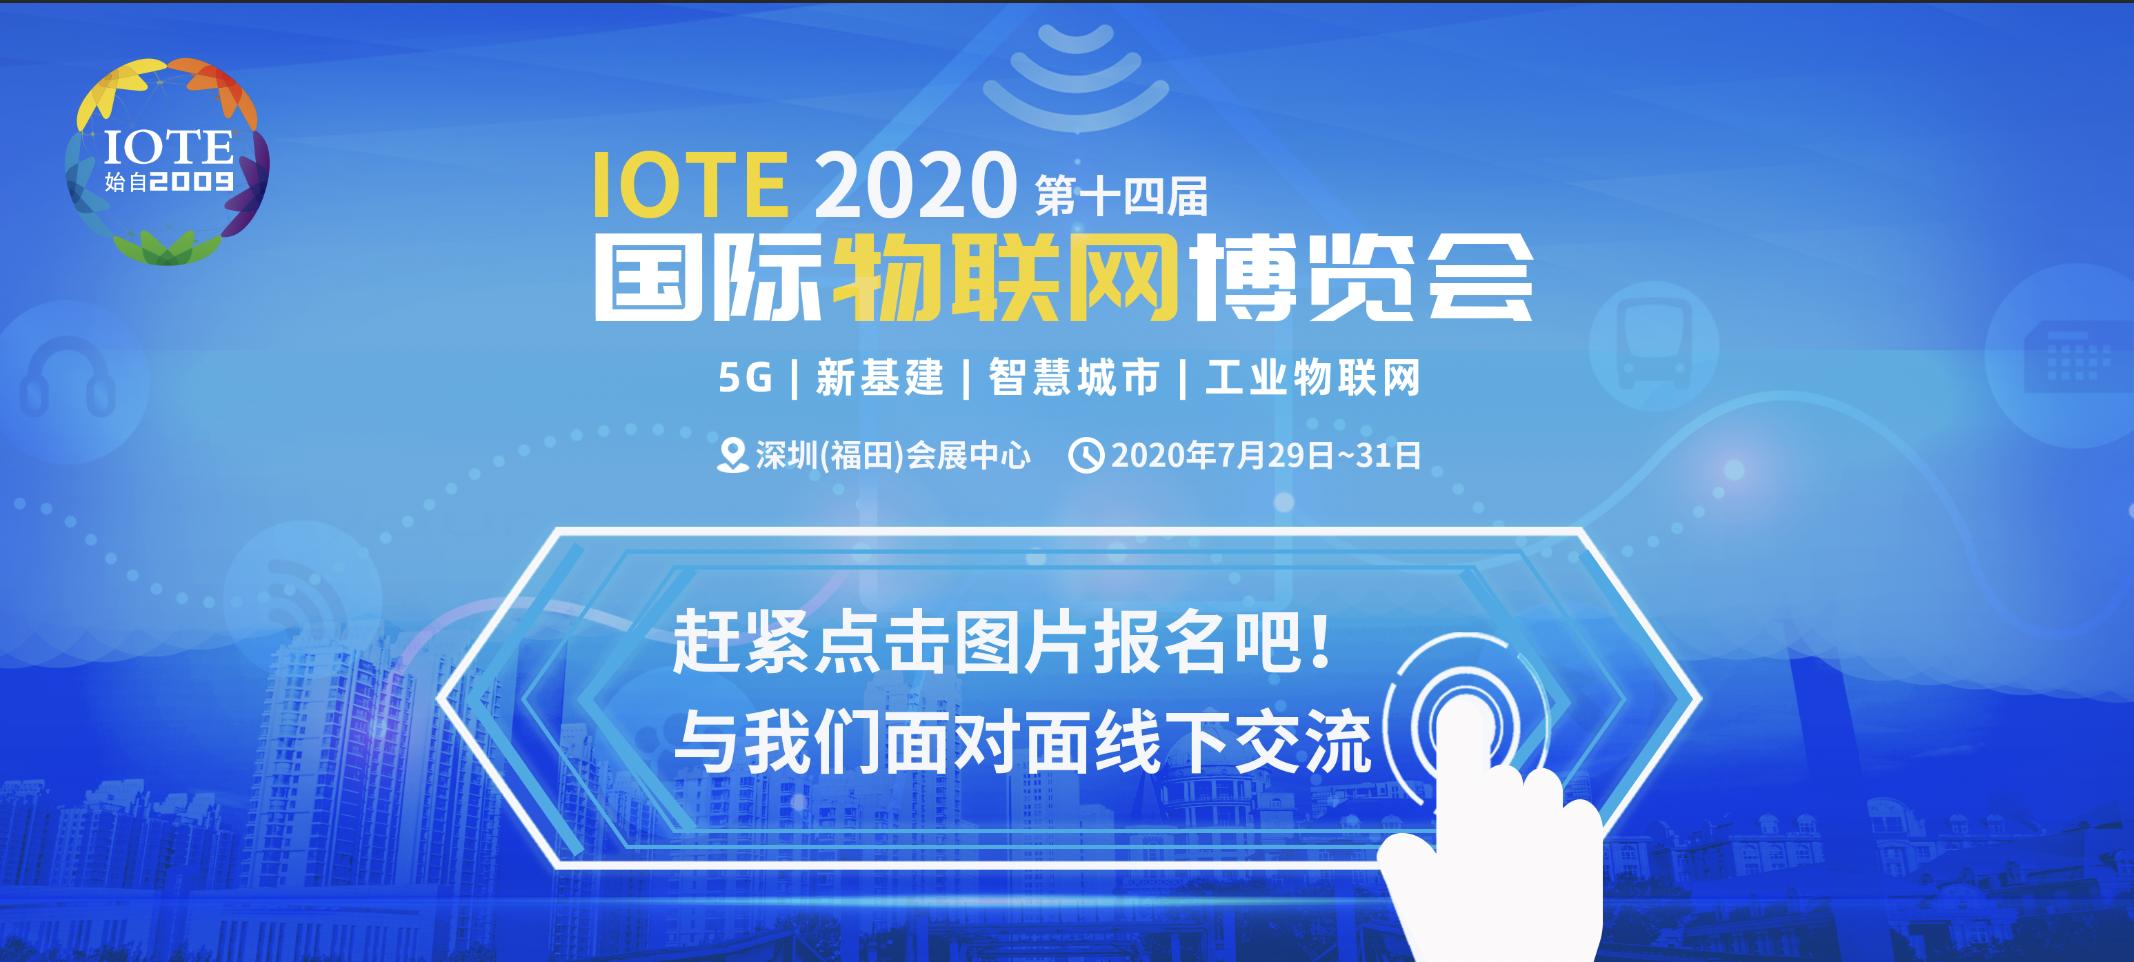 相约四载,巨心相伴,RFID实验室解决方案服务商巨心物联将亮相IOTE2020深圳国际物联网展